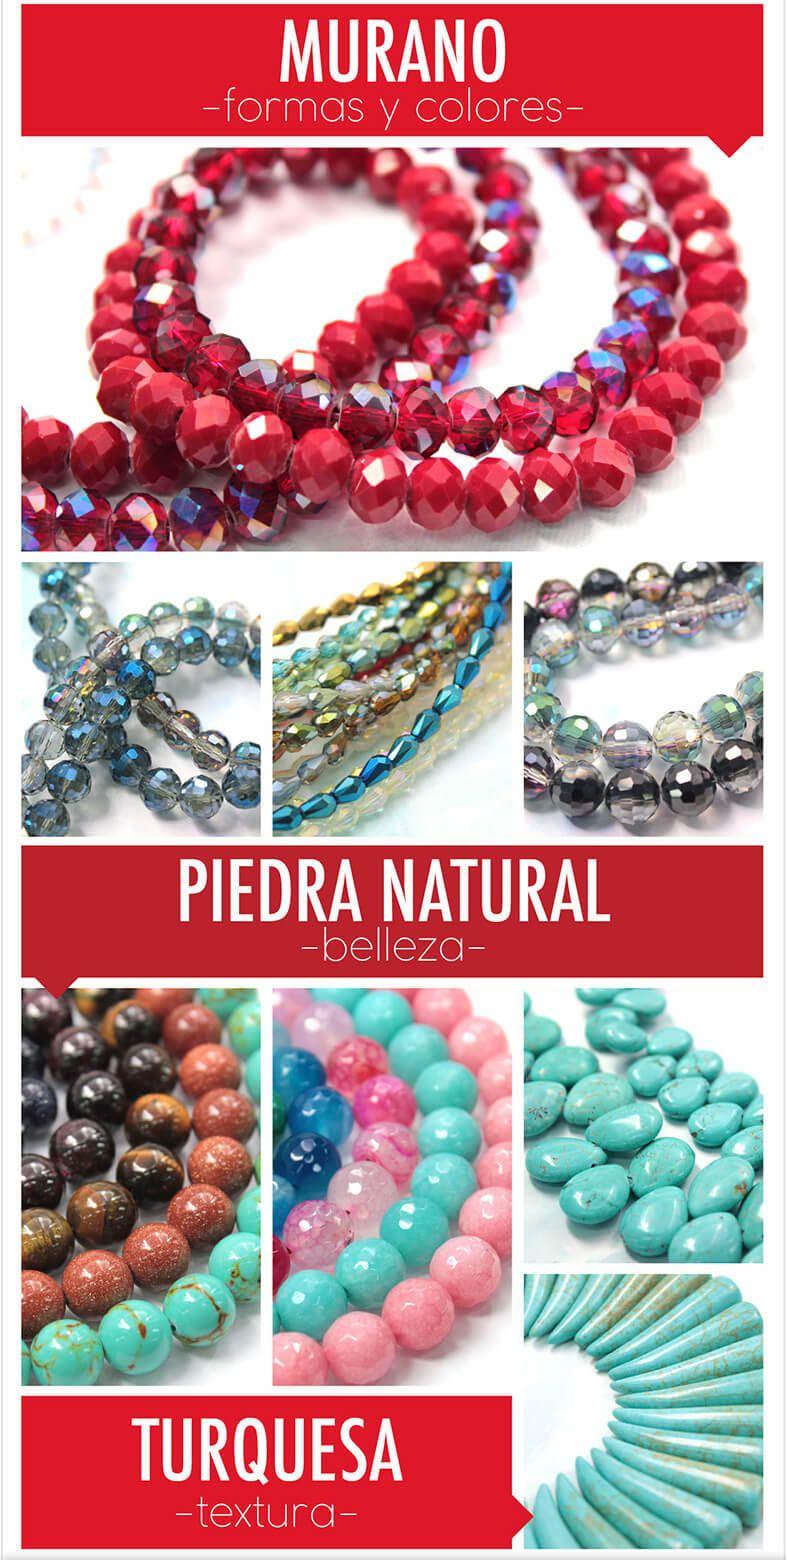 364ba1a261c3 Hermosas piedras naturales para tus accesorios Compra en línea desde  cualquier país en www.variedadescarol.net  Murano  PiedraNatural  Cuarzo   Turquesa ...